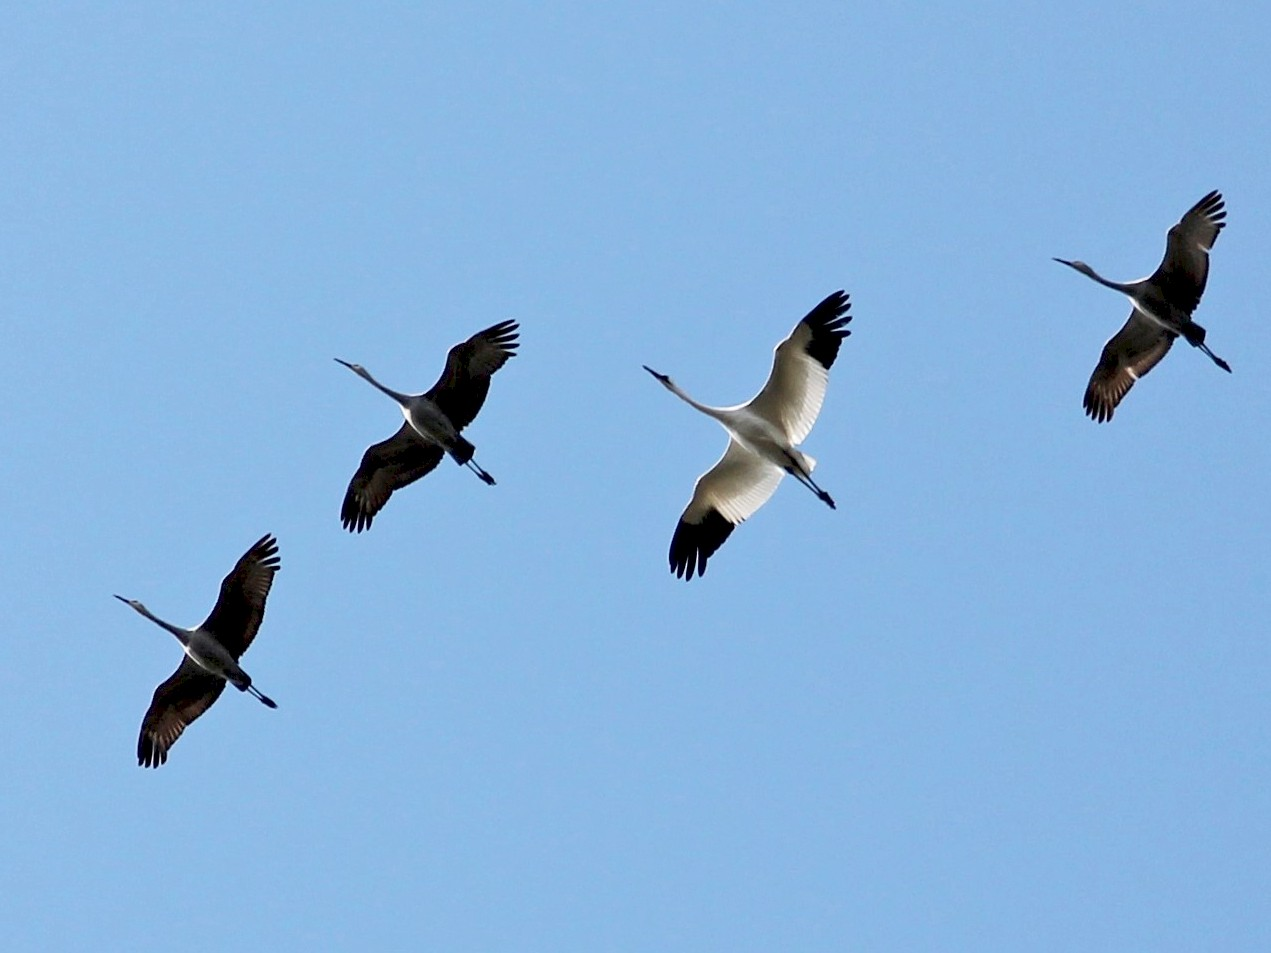 Whooping Crane - Rebekah Rylander